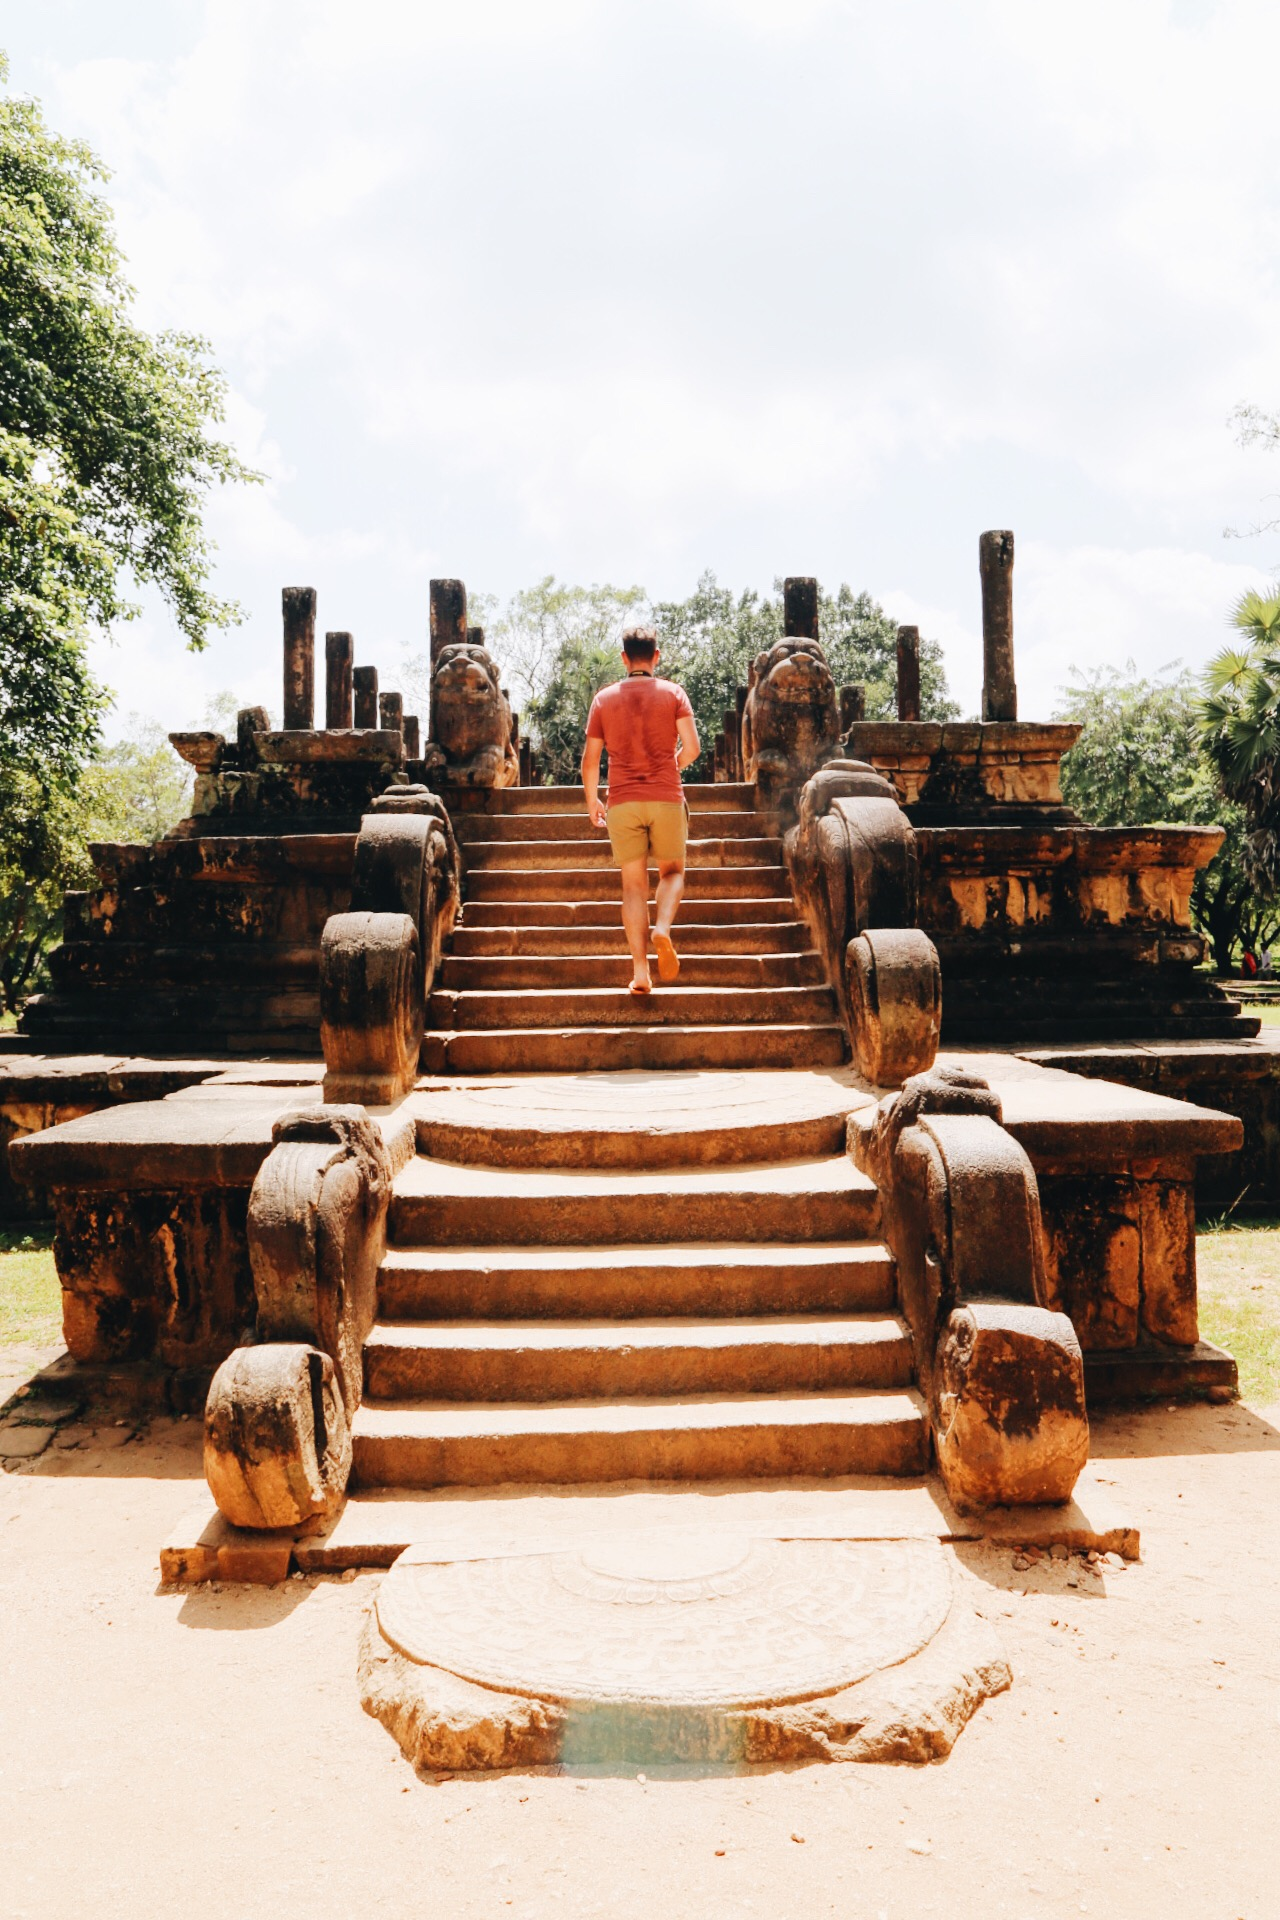 Scenes from Sri Lanka (25)